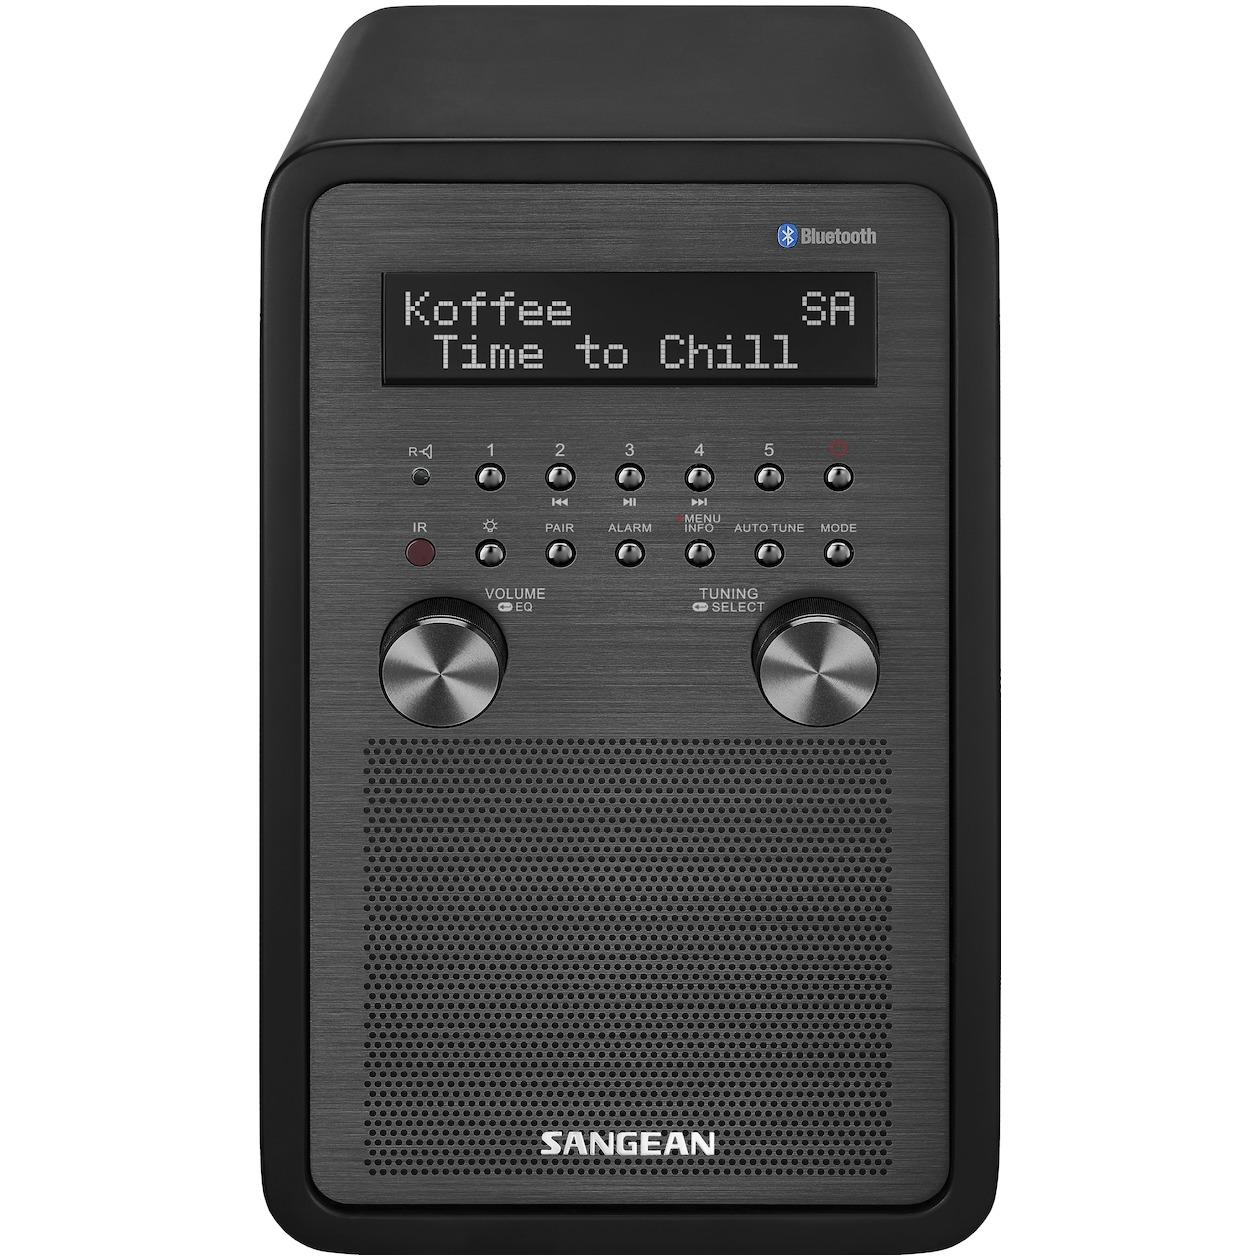 Sangean dab radio DDR-60